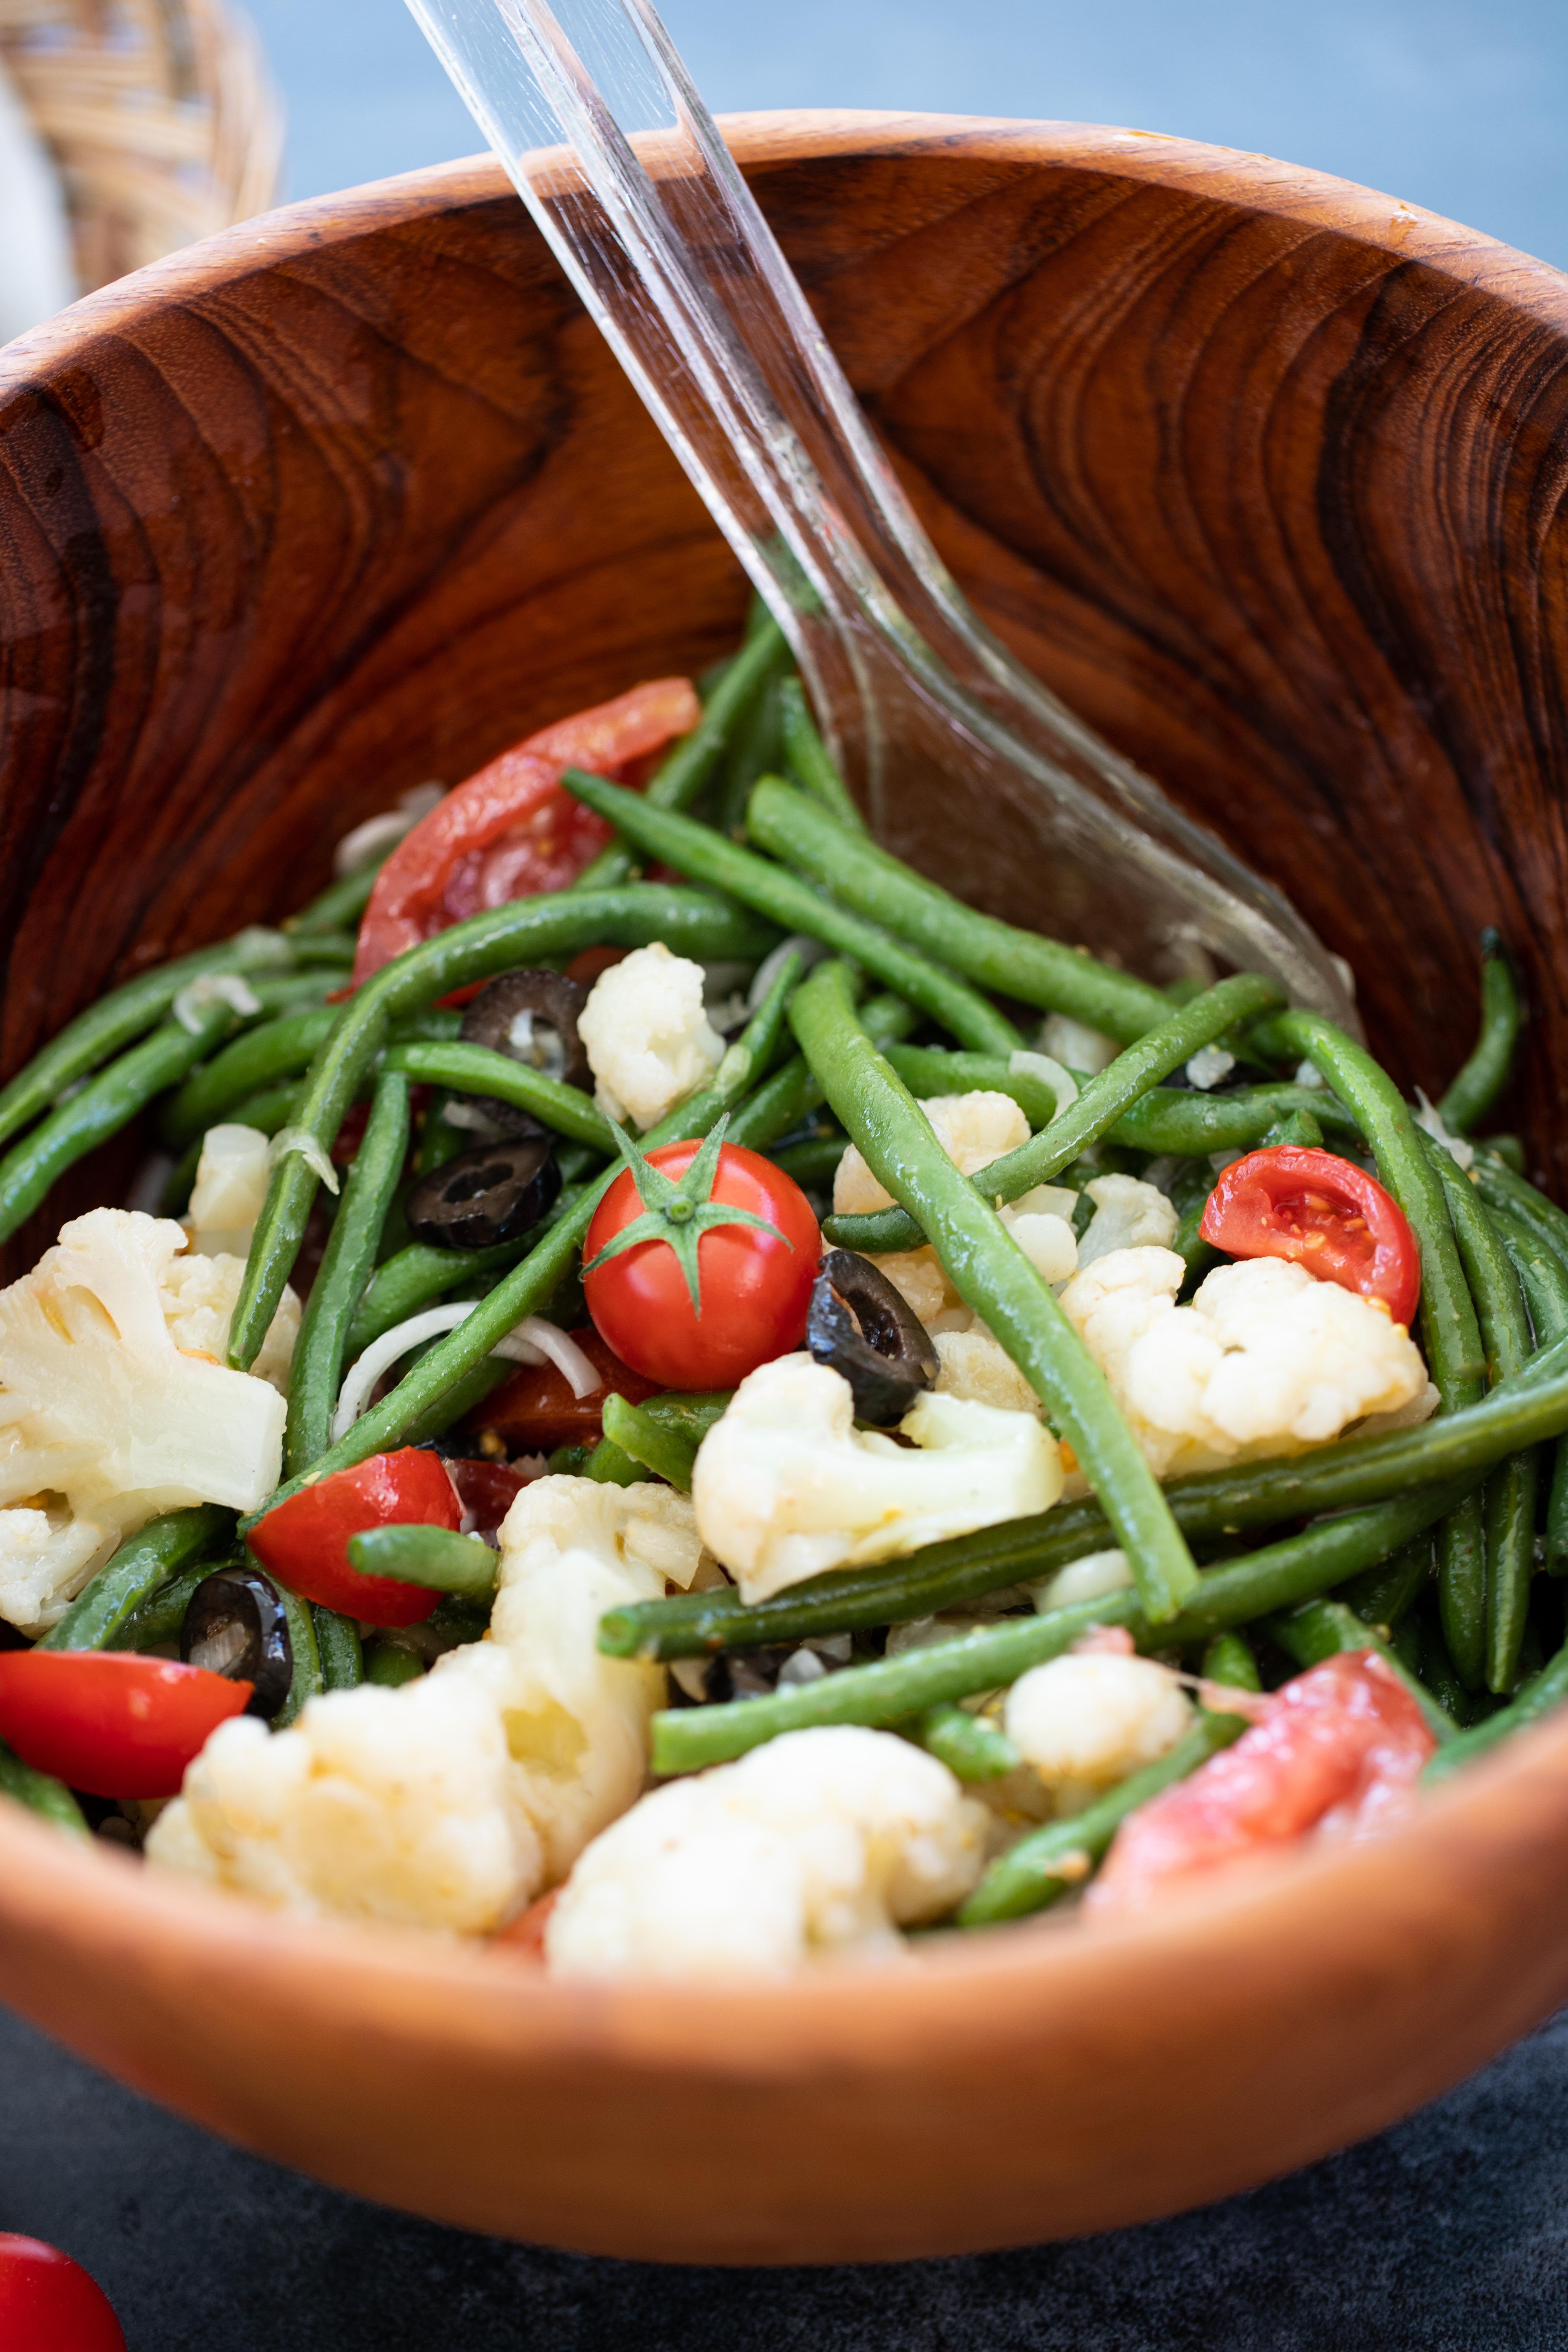 Salade de haricots - tomates - choux fleurs - delimoon.com